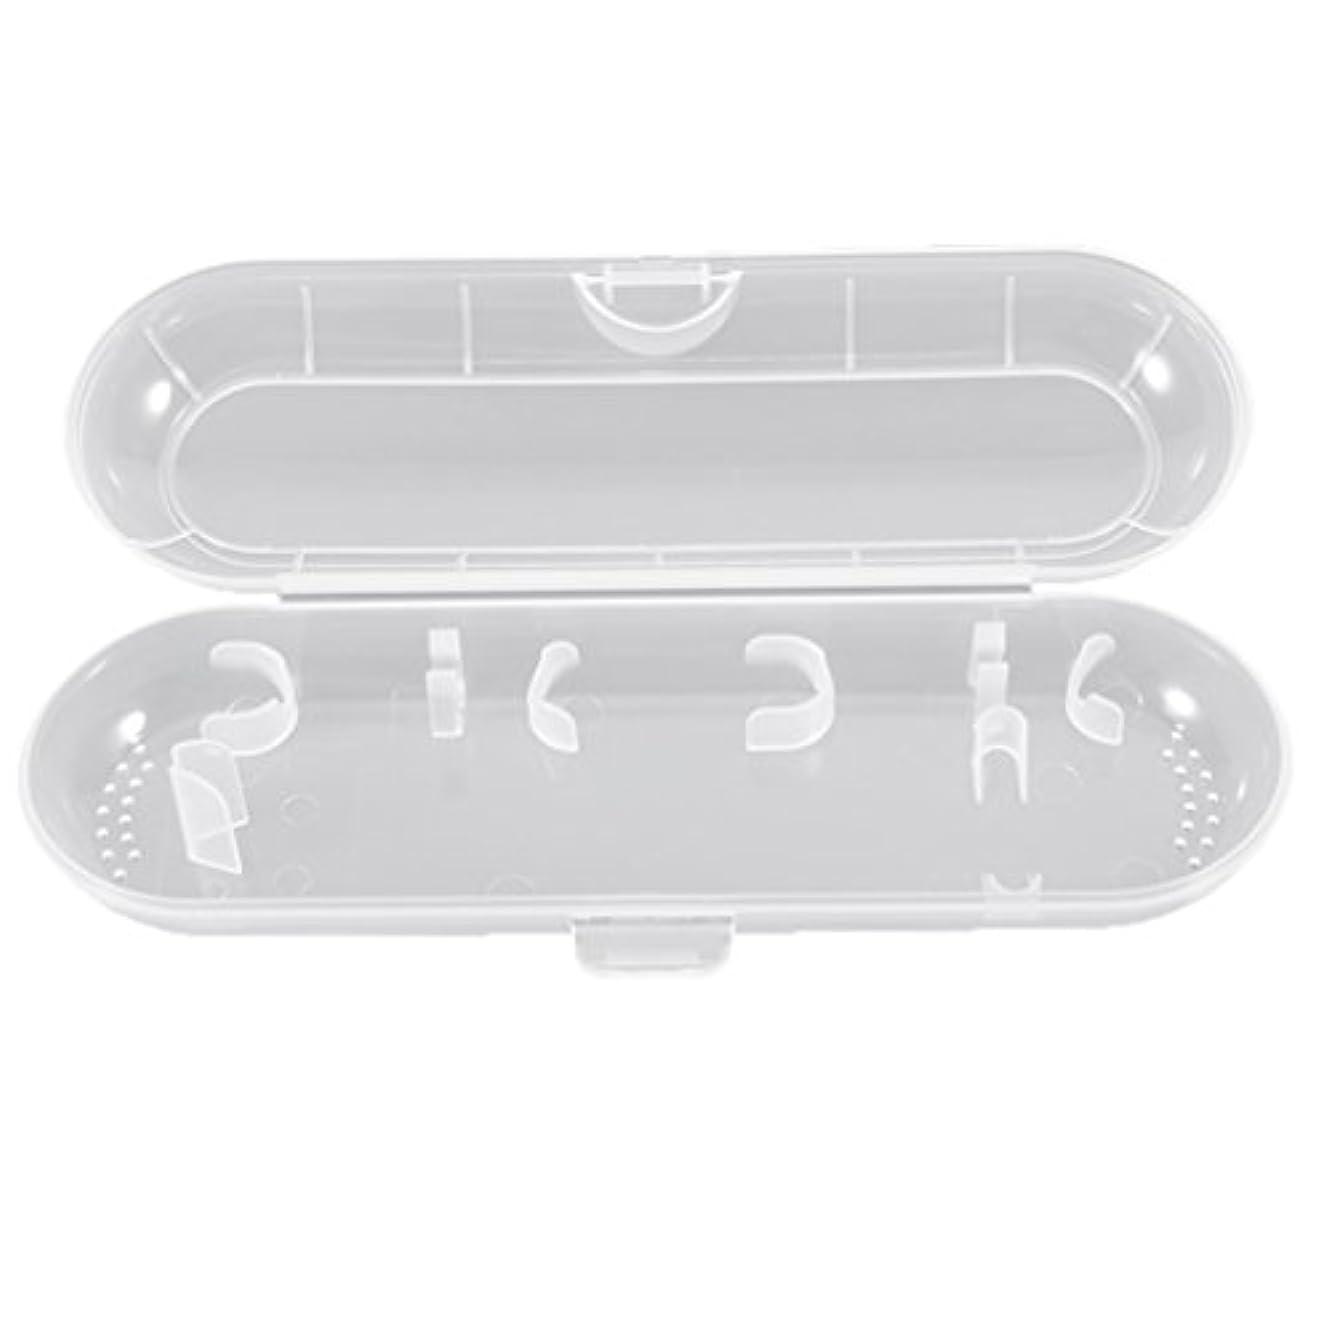 武装解除ほぼ集中的なHonel 透明 電動歯ブラシ収納ボックス プラスチック 電動歯ブラシケース 収納ケース ブラウン オーラルB対応